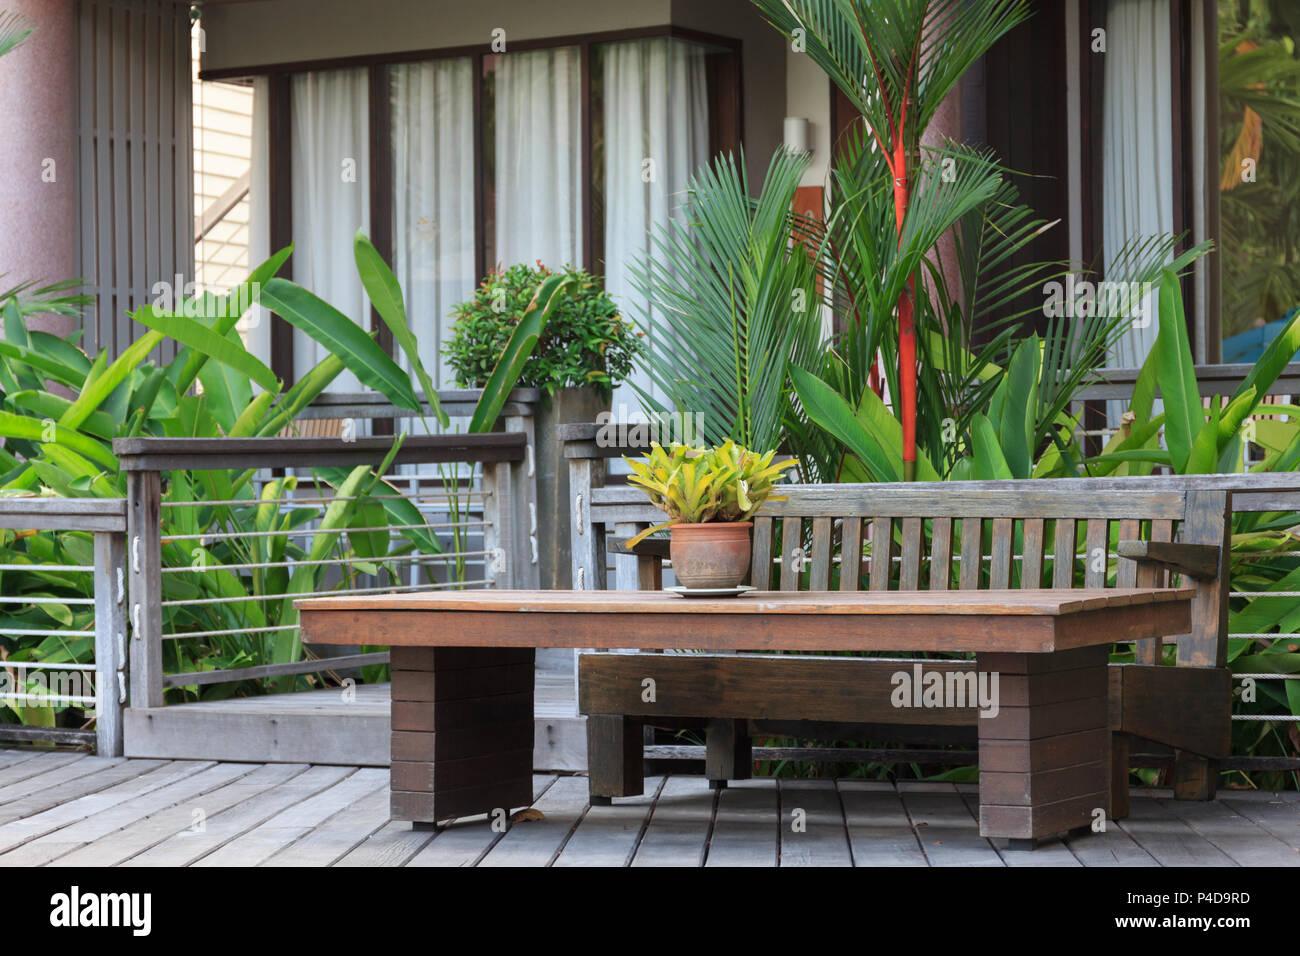 Rd Mobili Da Giardino.La Tabella In Legno E Sedie In Mobili Da Giardino Al Resort